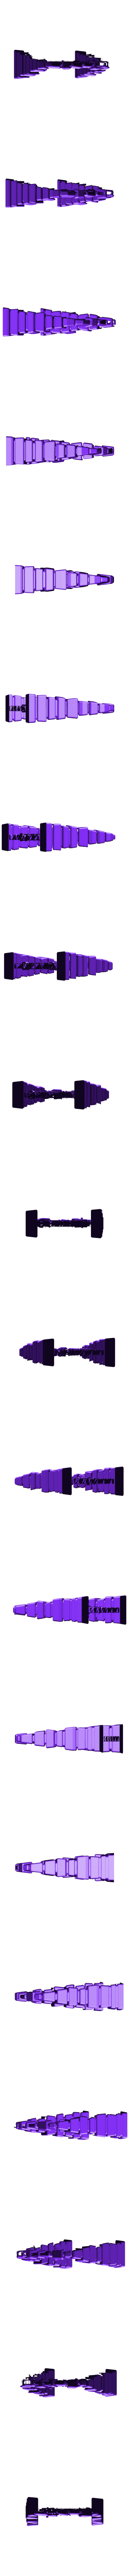 Stone_Door_with_Wood_Grain.stl Télécharger fichier STL gratuit Porte Donjon en pierre - Travailler avec du grain de bois (Remix) • Design pour impression 3D, RobagoN